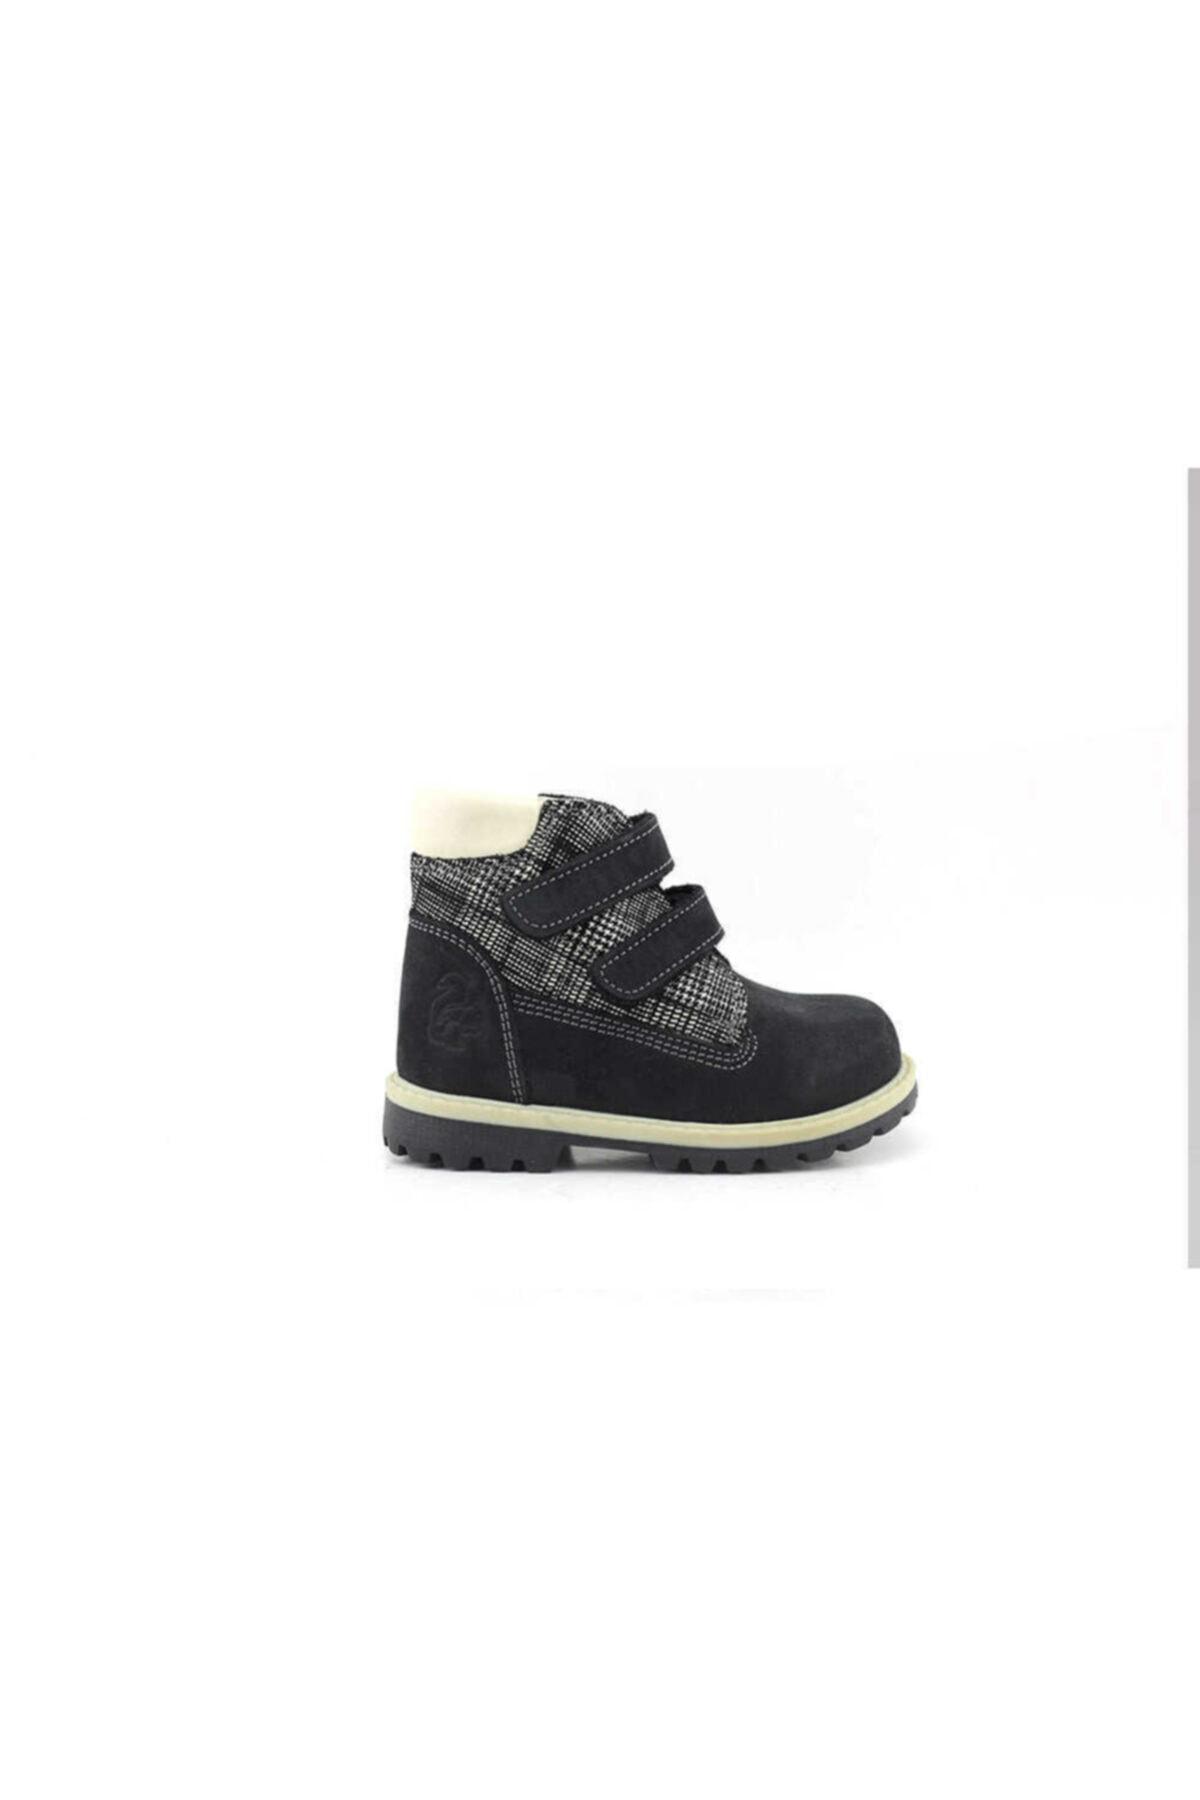 Toddler B5001 Hakiki Deri Bebek Botu-nubuk Siyah Kamuflaj 1